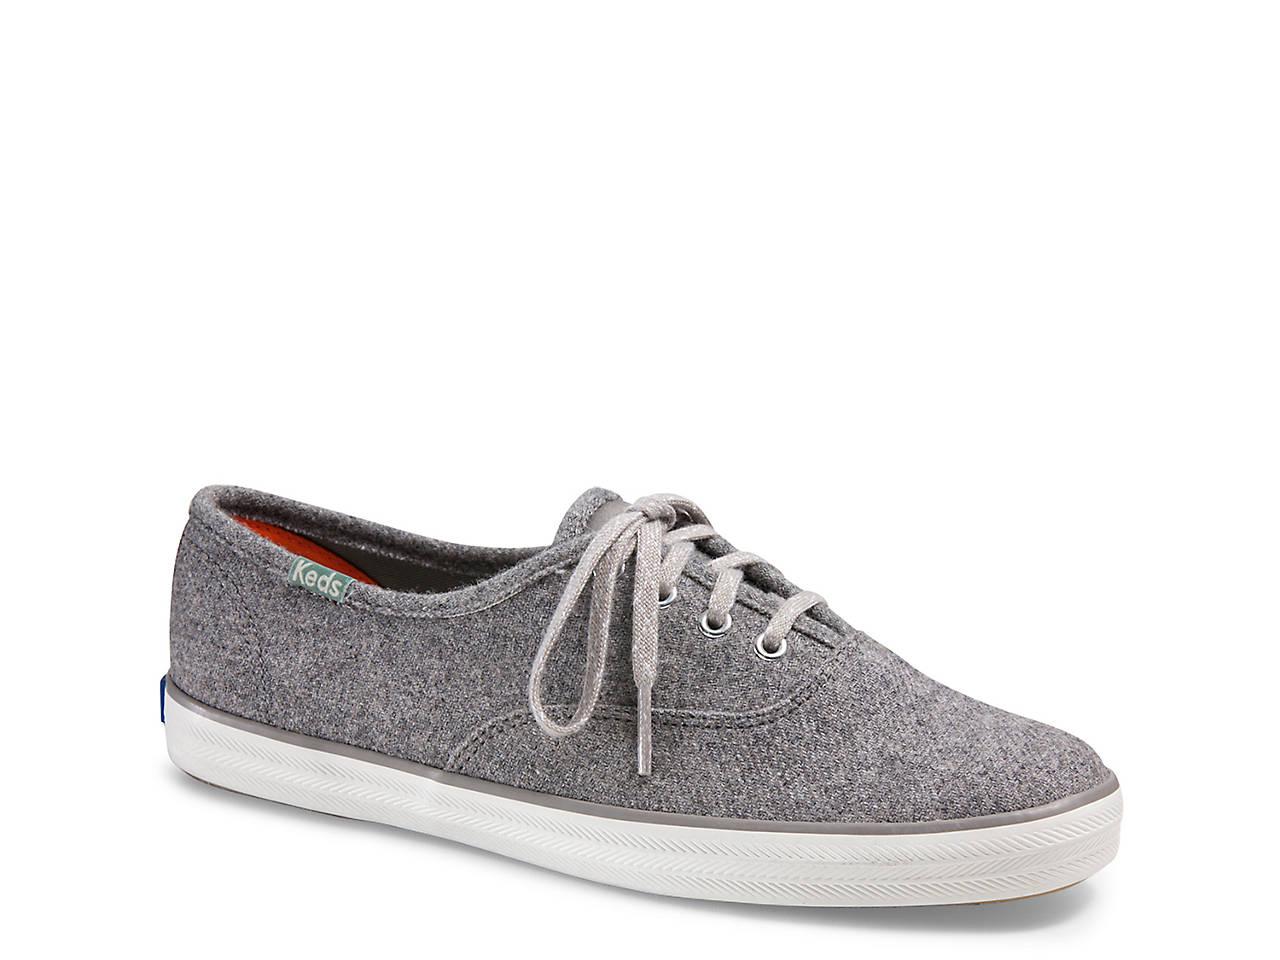 c00413686f76 Keds Champion Wool Sneaker - Women s Women s Shoes